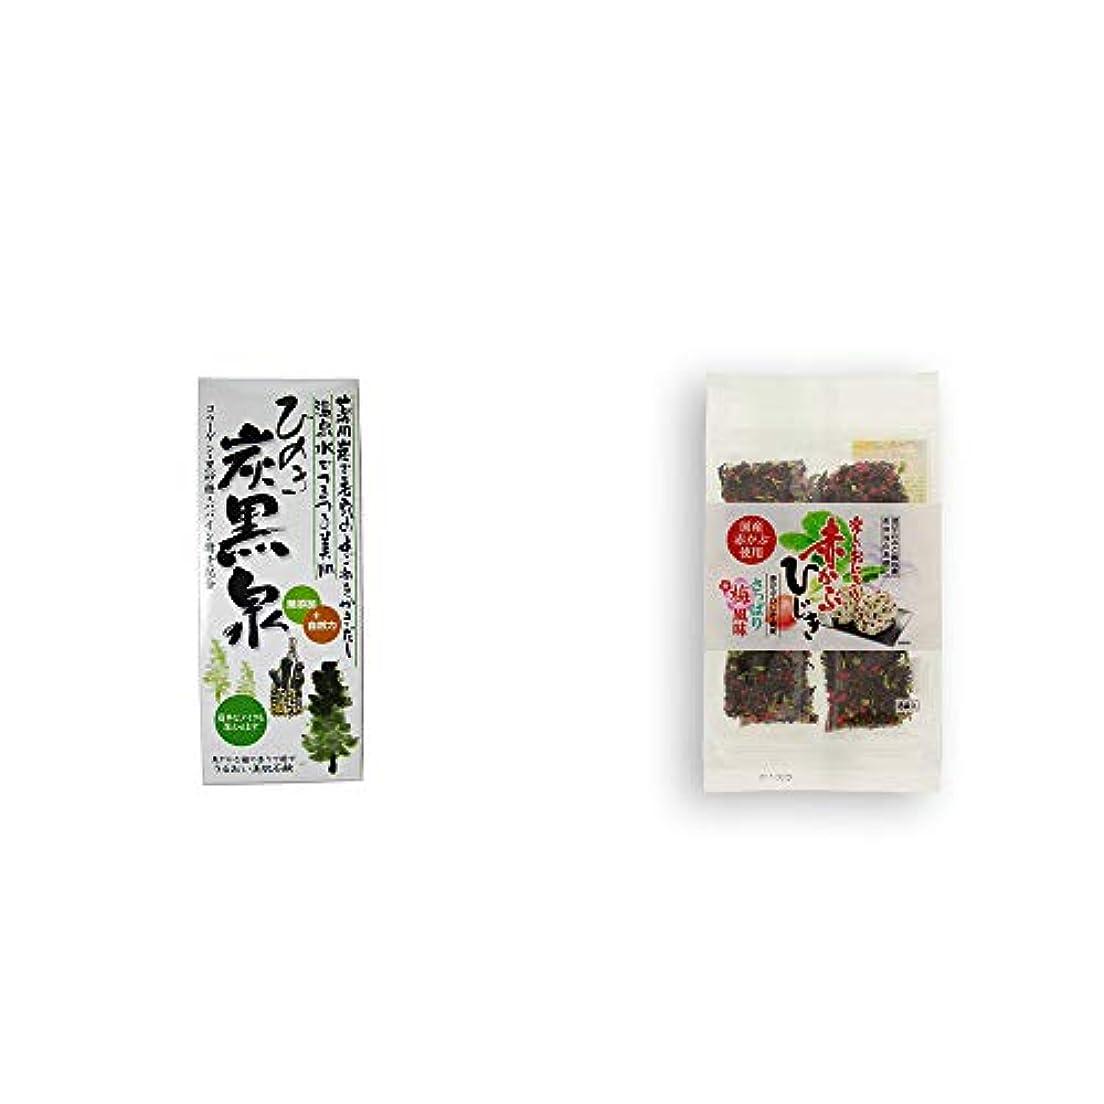 [2点セット] ひのき炭黒泉 箱入り(75g×3)?楽しいおにぎり 赤かぶひじき(8g×8袋)